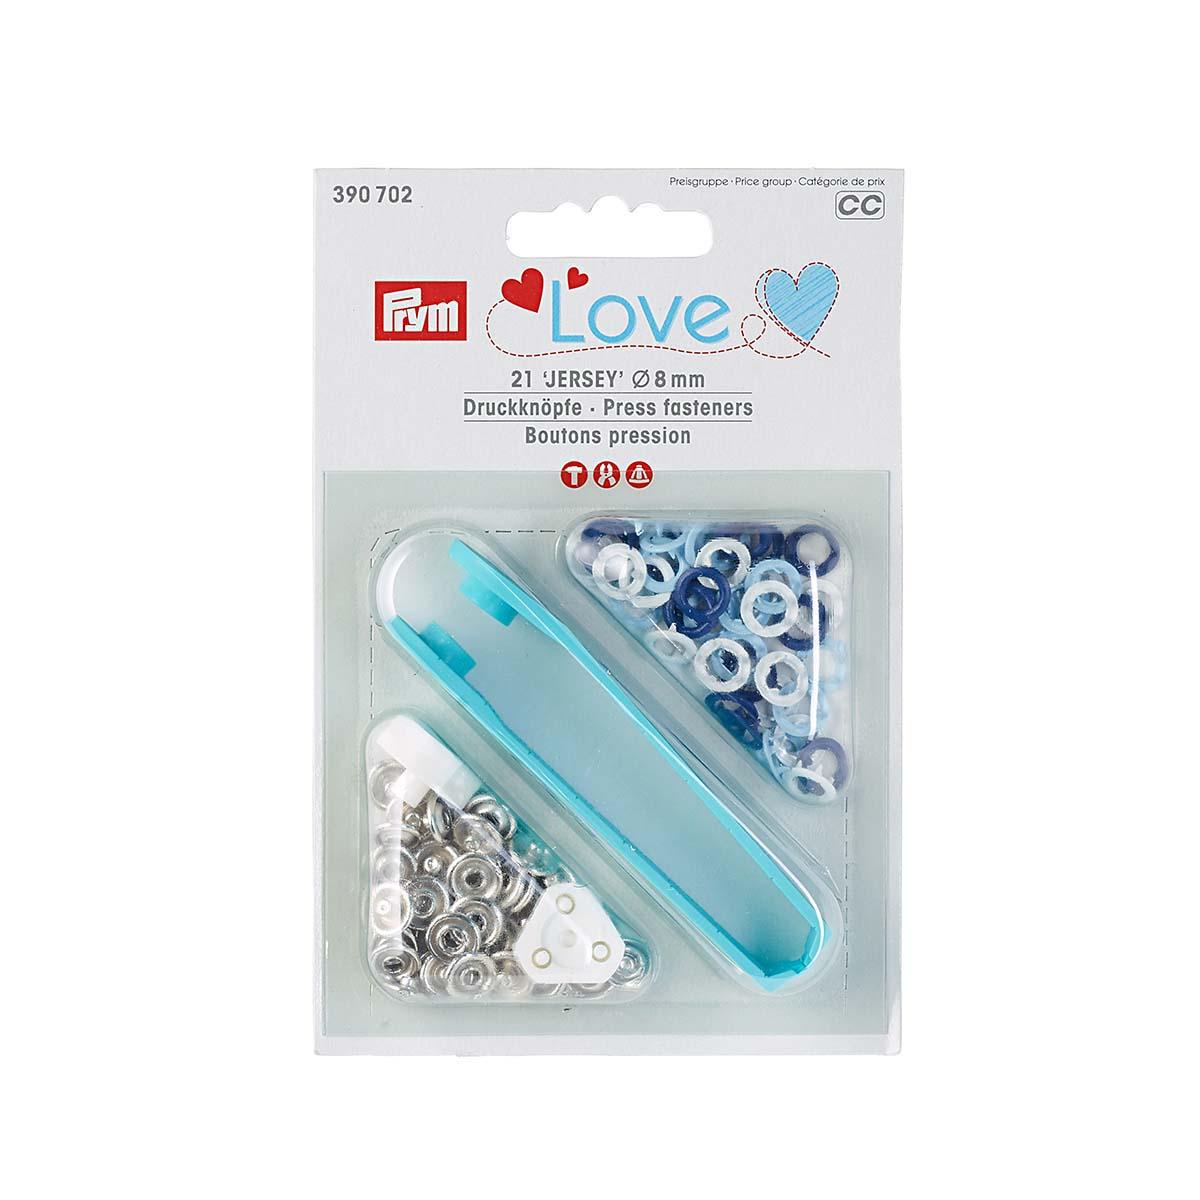 390702 Кнопки Джерси Prym Love син/бел/голубой цв, 8мм, 21шт/упак, Prym